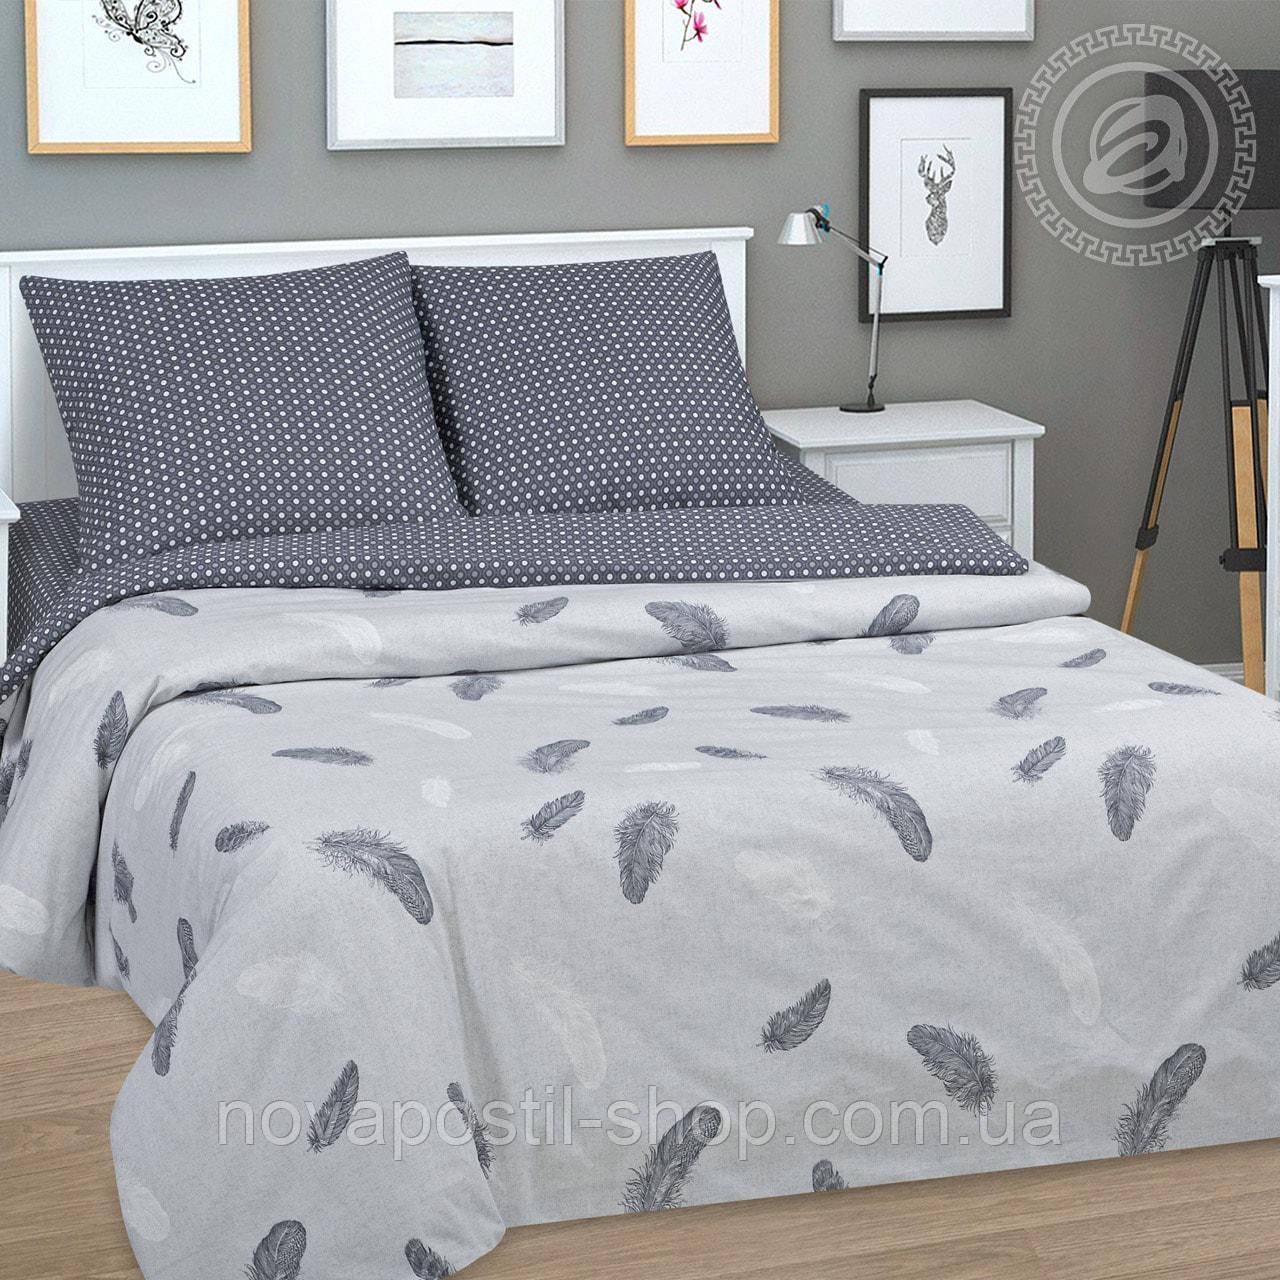 Феникс, постельное белье из поплина (100% хлопок)